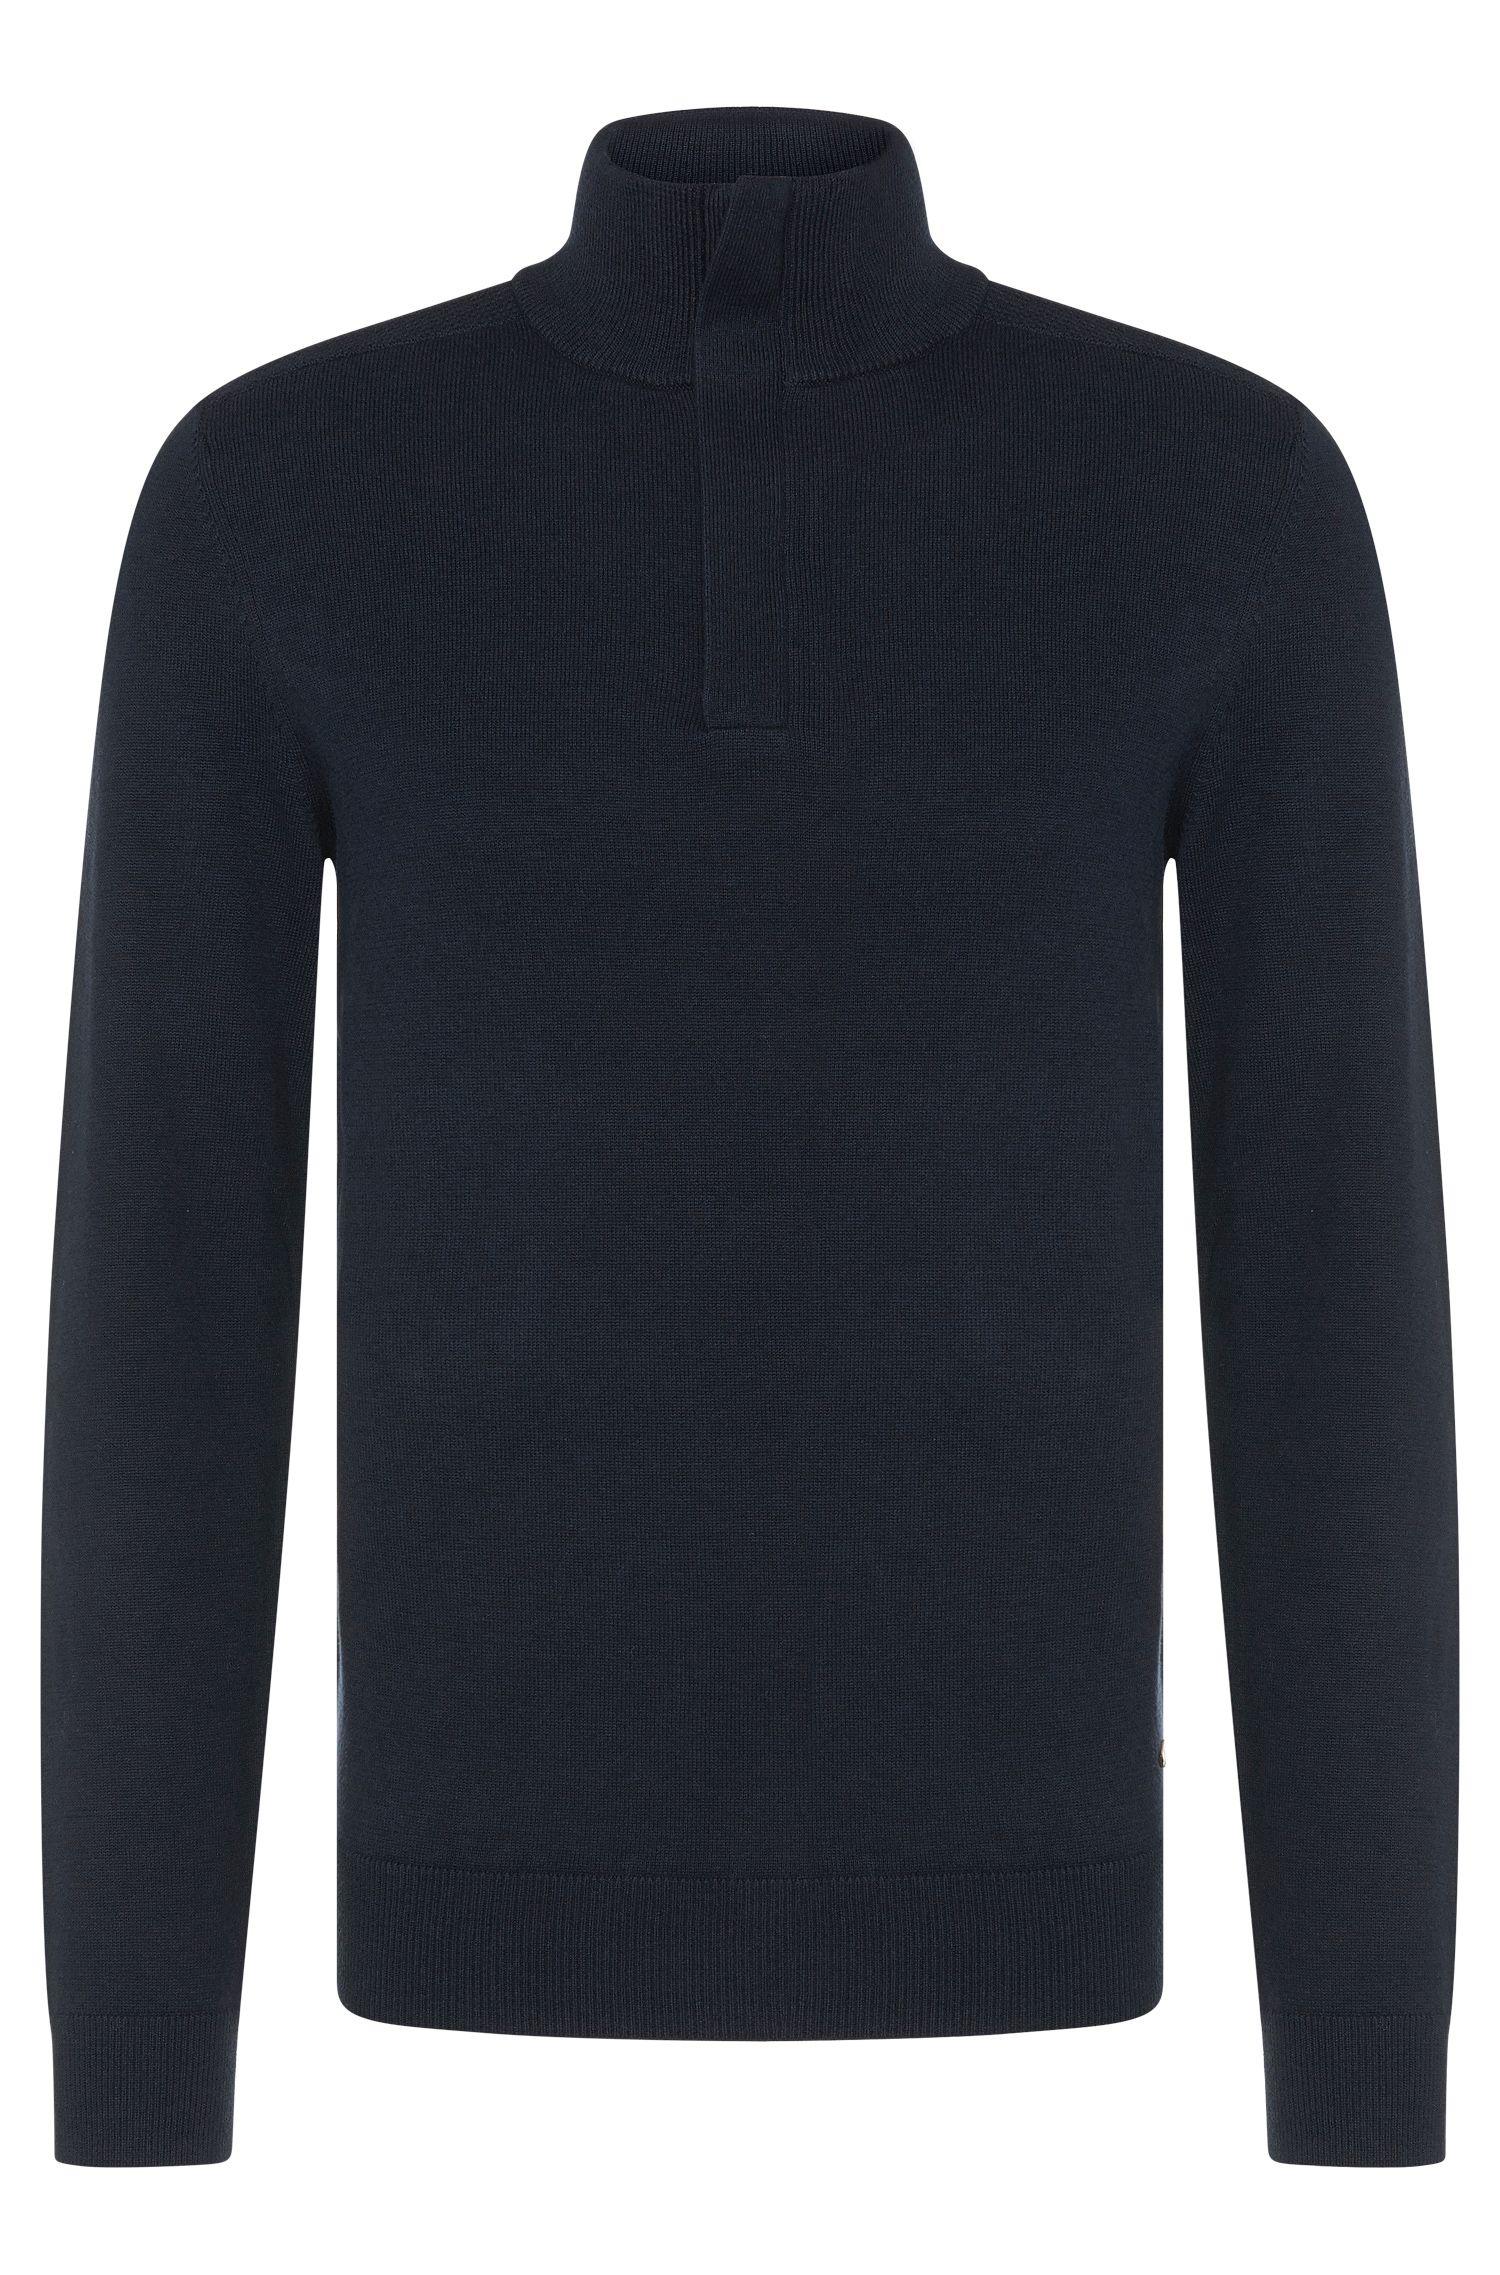 'Bonny' | Virgin Wool Cotton Troyer Sweater